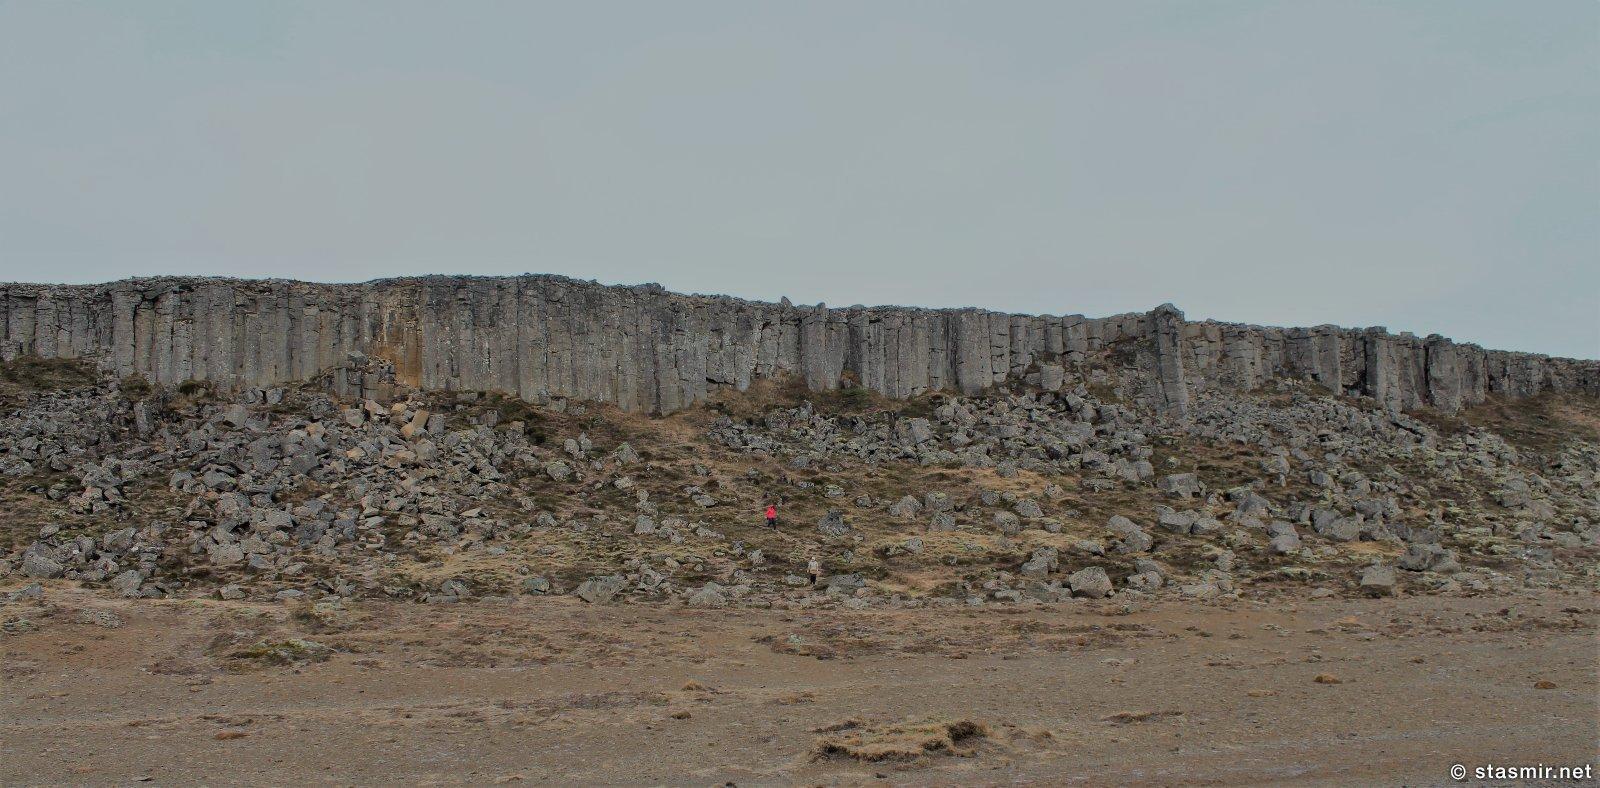 базальтовая стена Gerðuberg по пути на полуостров Снайфедльснес, фото Стасмир, photo Stasmir